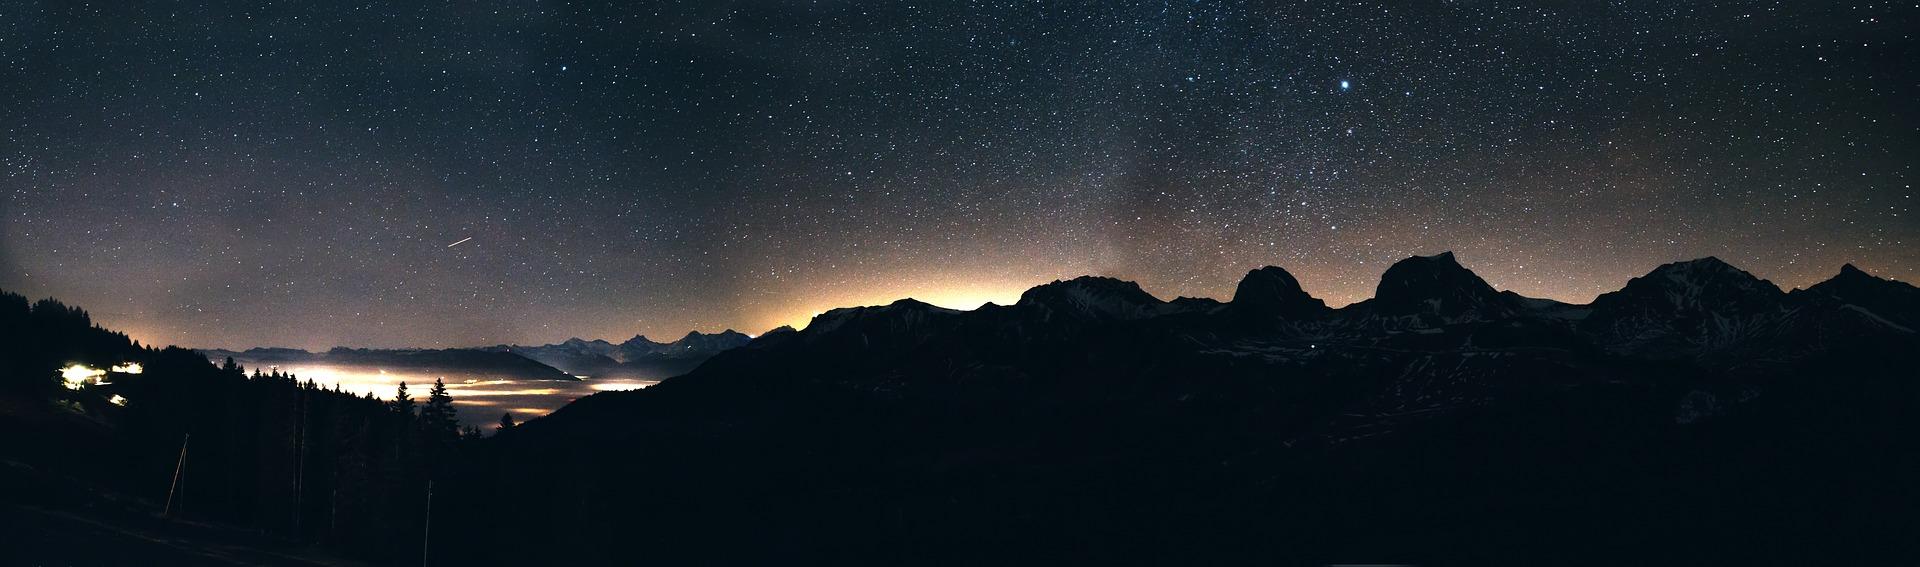 dunkler Himmel